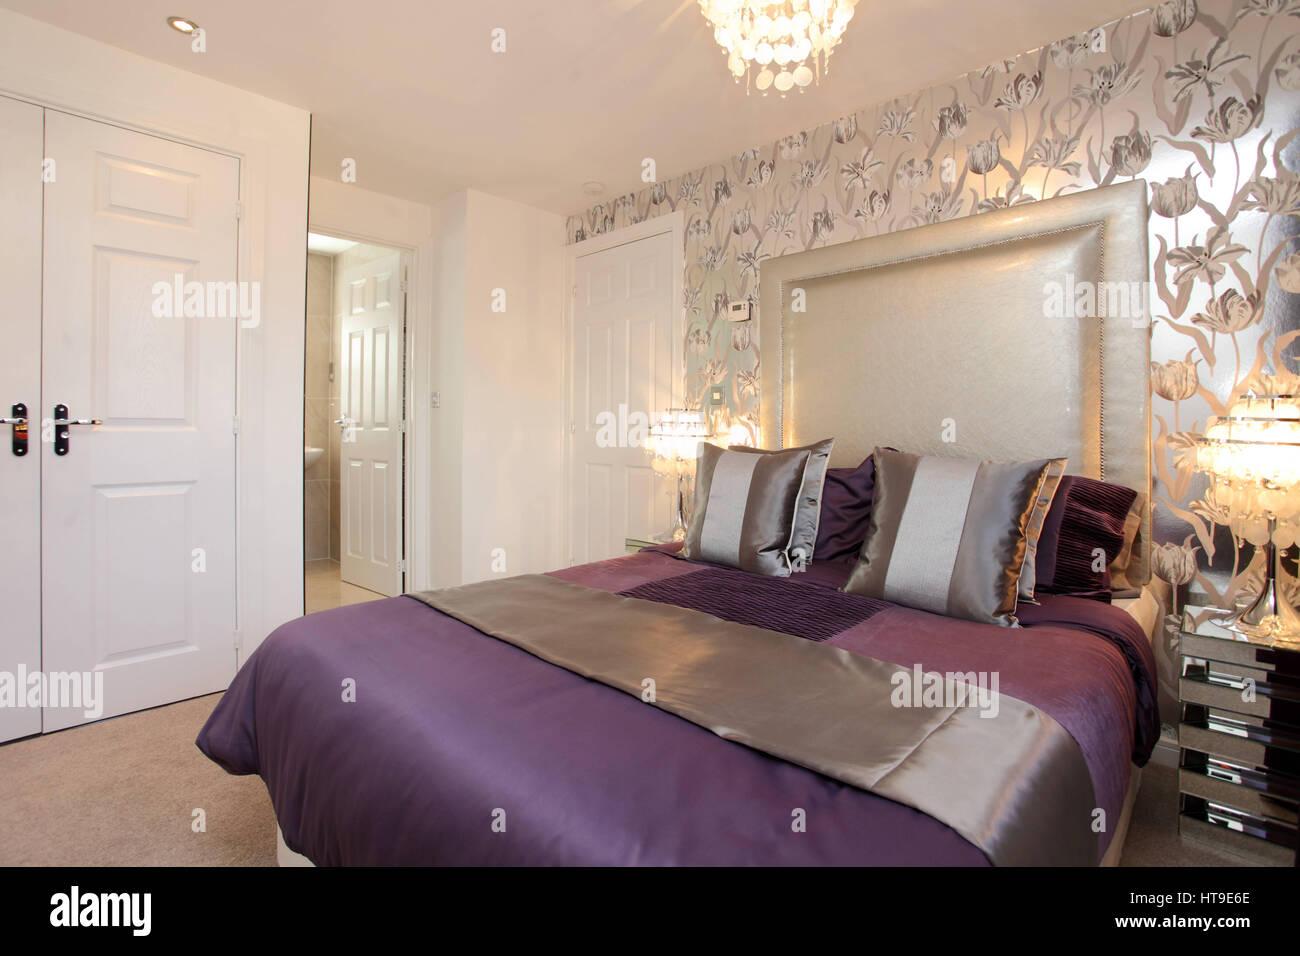 Wohngebäude, Schlafzimmer dekoriert in lila und Silber, Wand, silberne Tapete, Blumenmuster, Bad, Schränke Stockbild